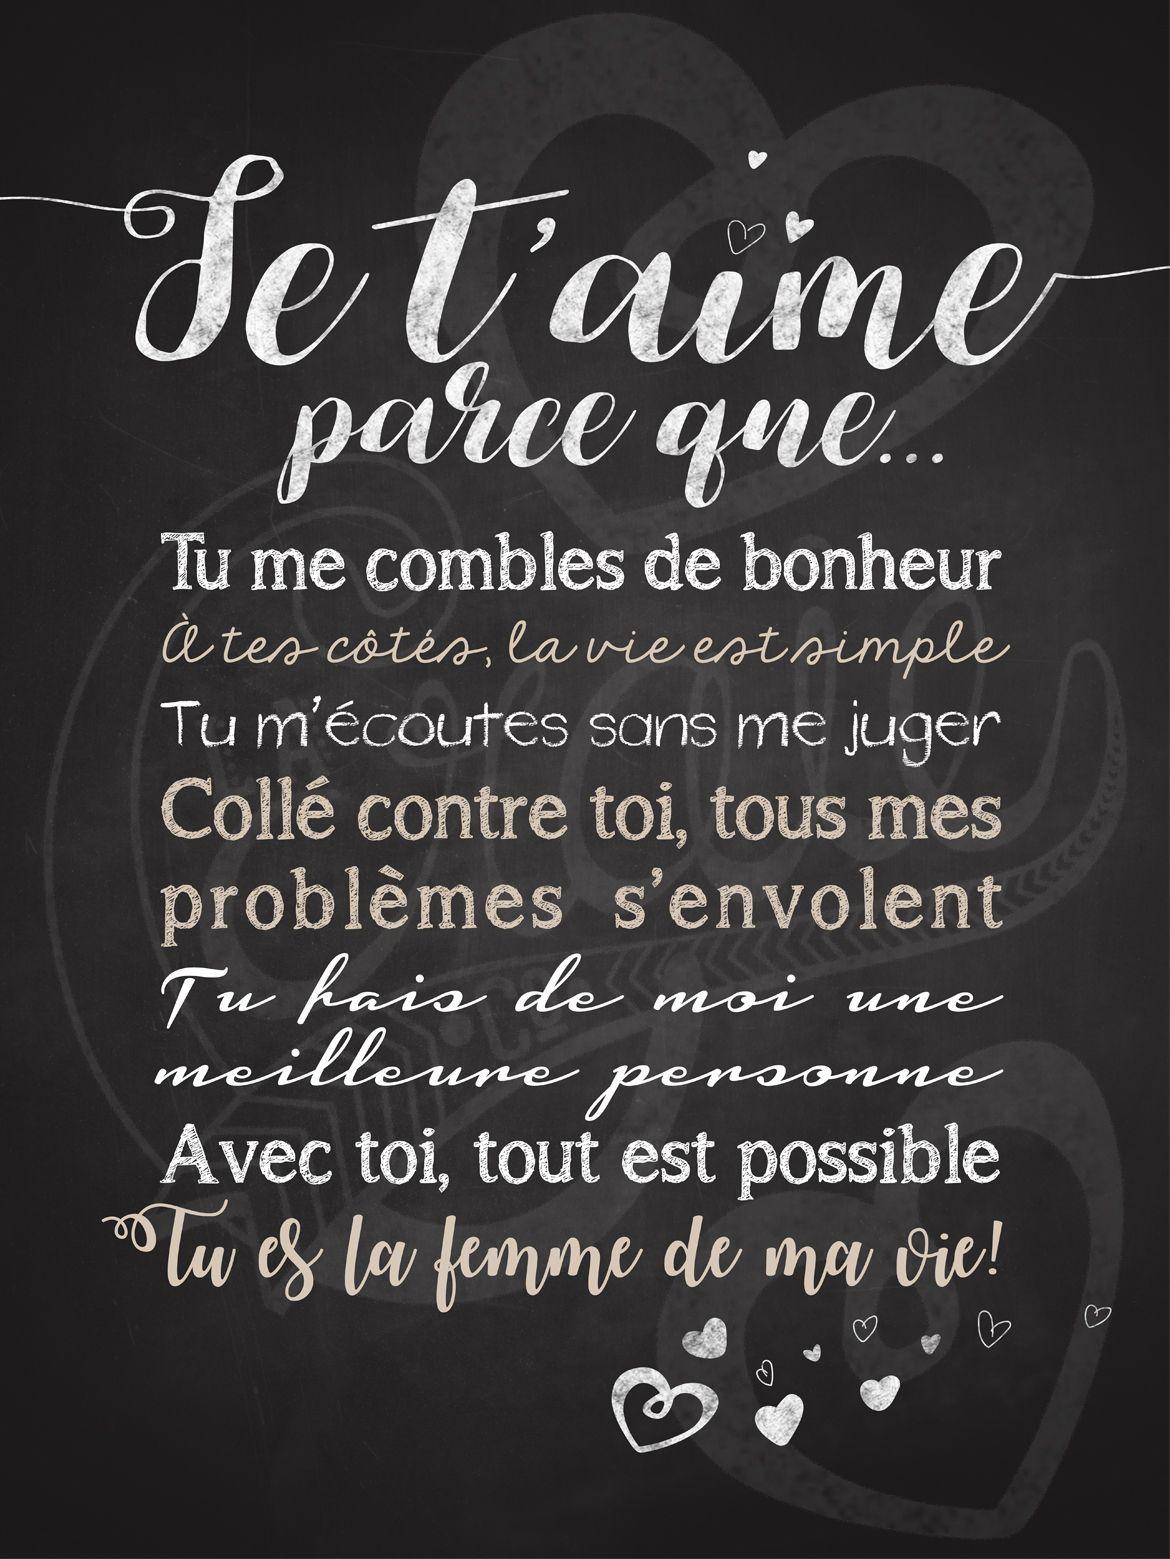 Phrase Pour Dire Je T Aime : phrase, Affiche, Personnalisée, Couple, T'aime, Parce, 25,00$, #chalkboard, #couple, #saintvalentin, #lacraieco, D'amour,, Phrase, Amour,, Citation, Damour